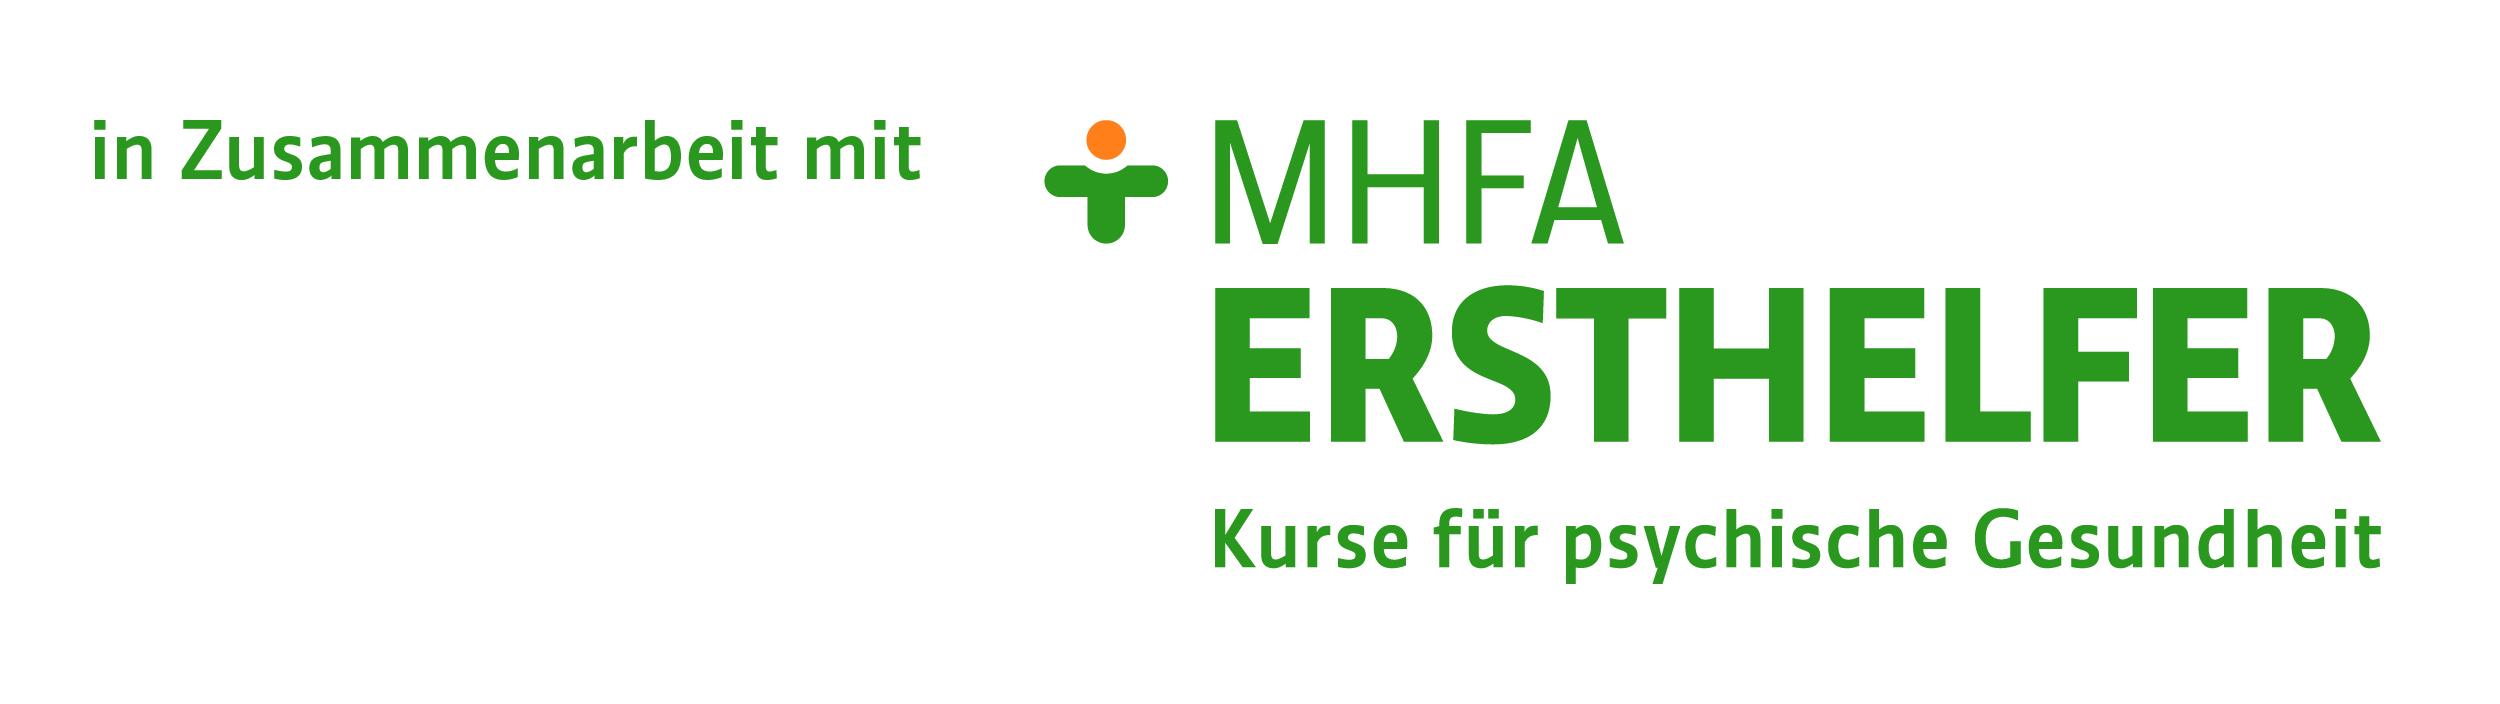 Neue studentische Initiative: Mental Health First Aid (MHFA) – Erste Hilfe für psychische Gesundheit